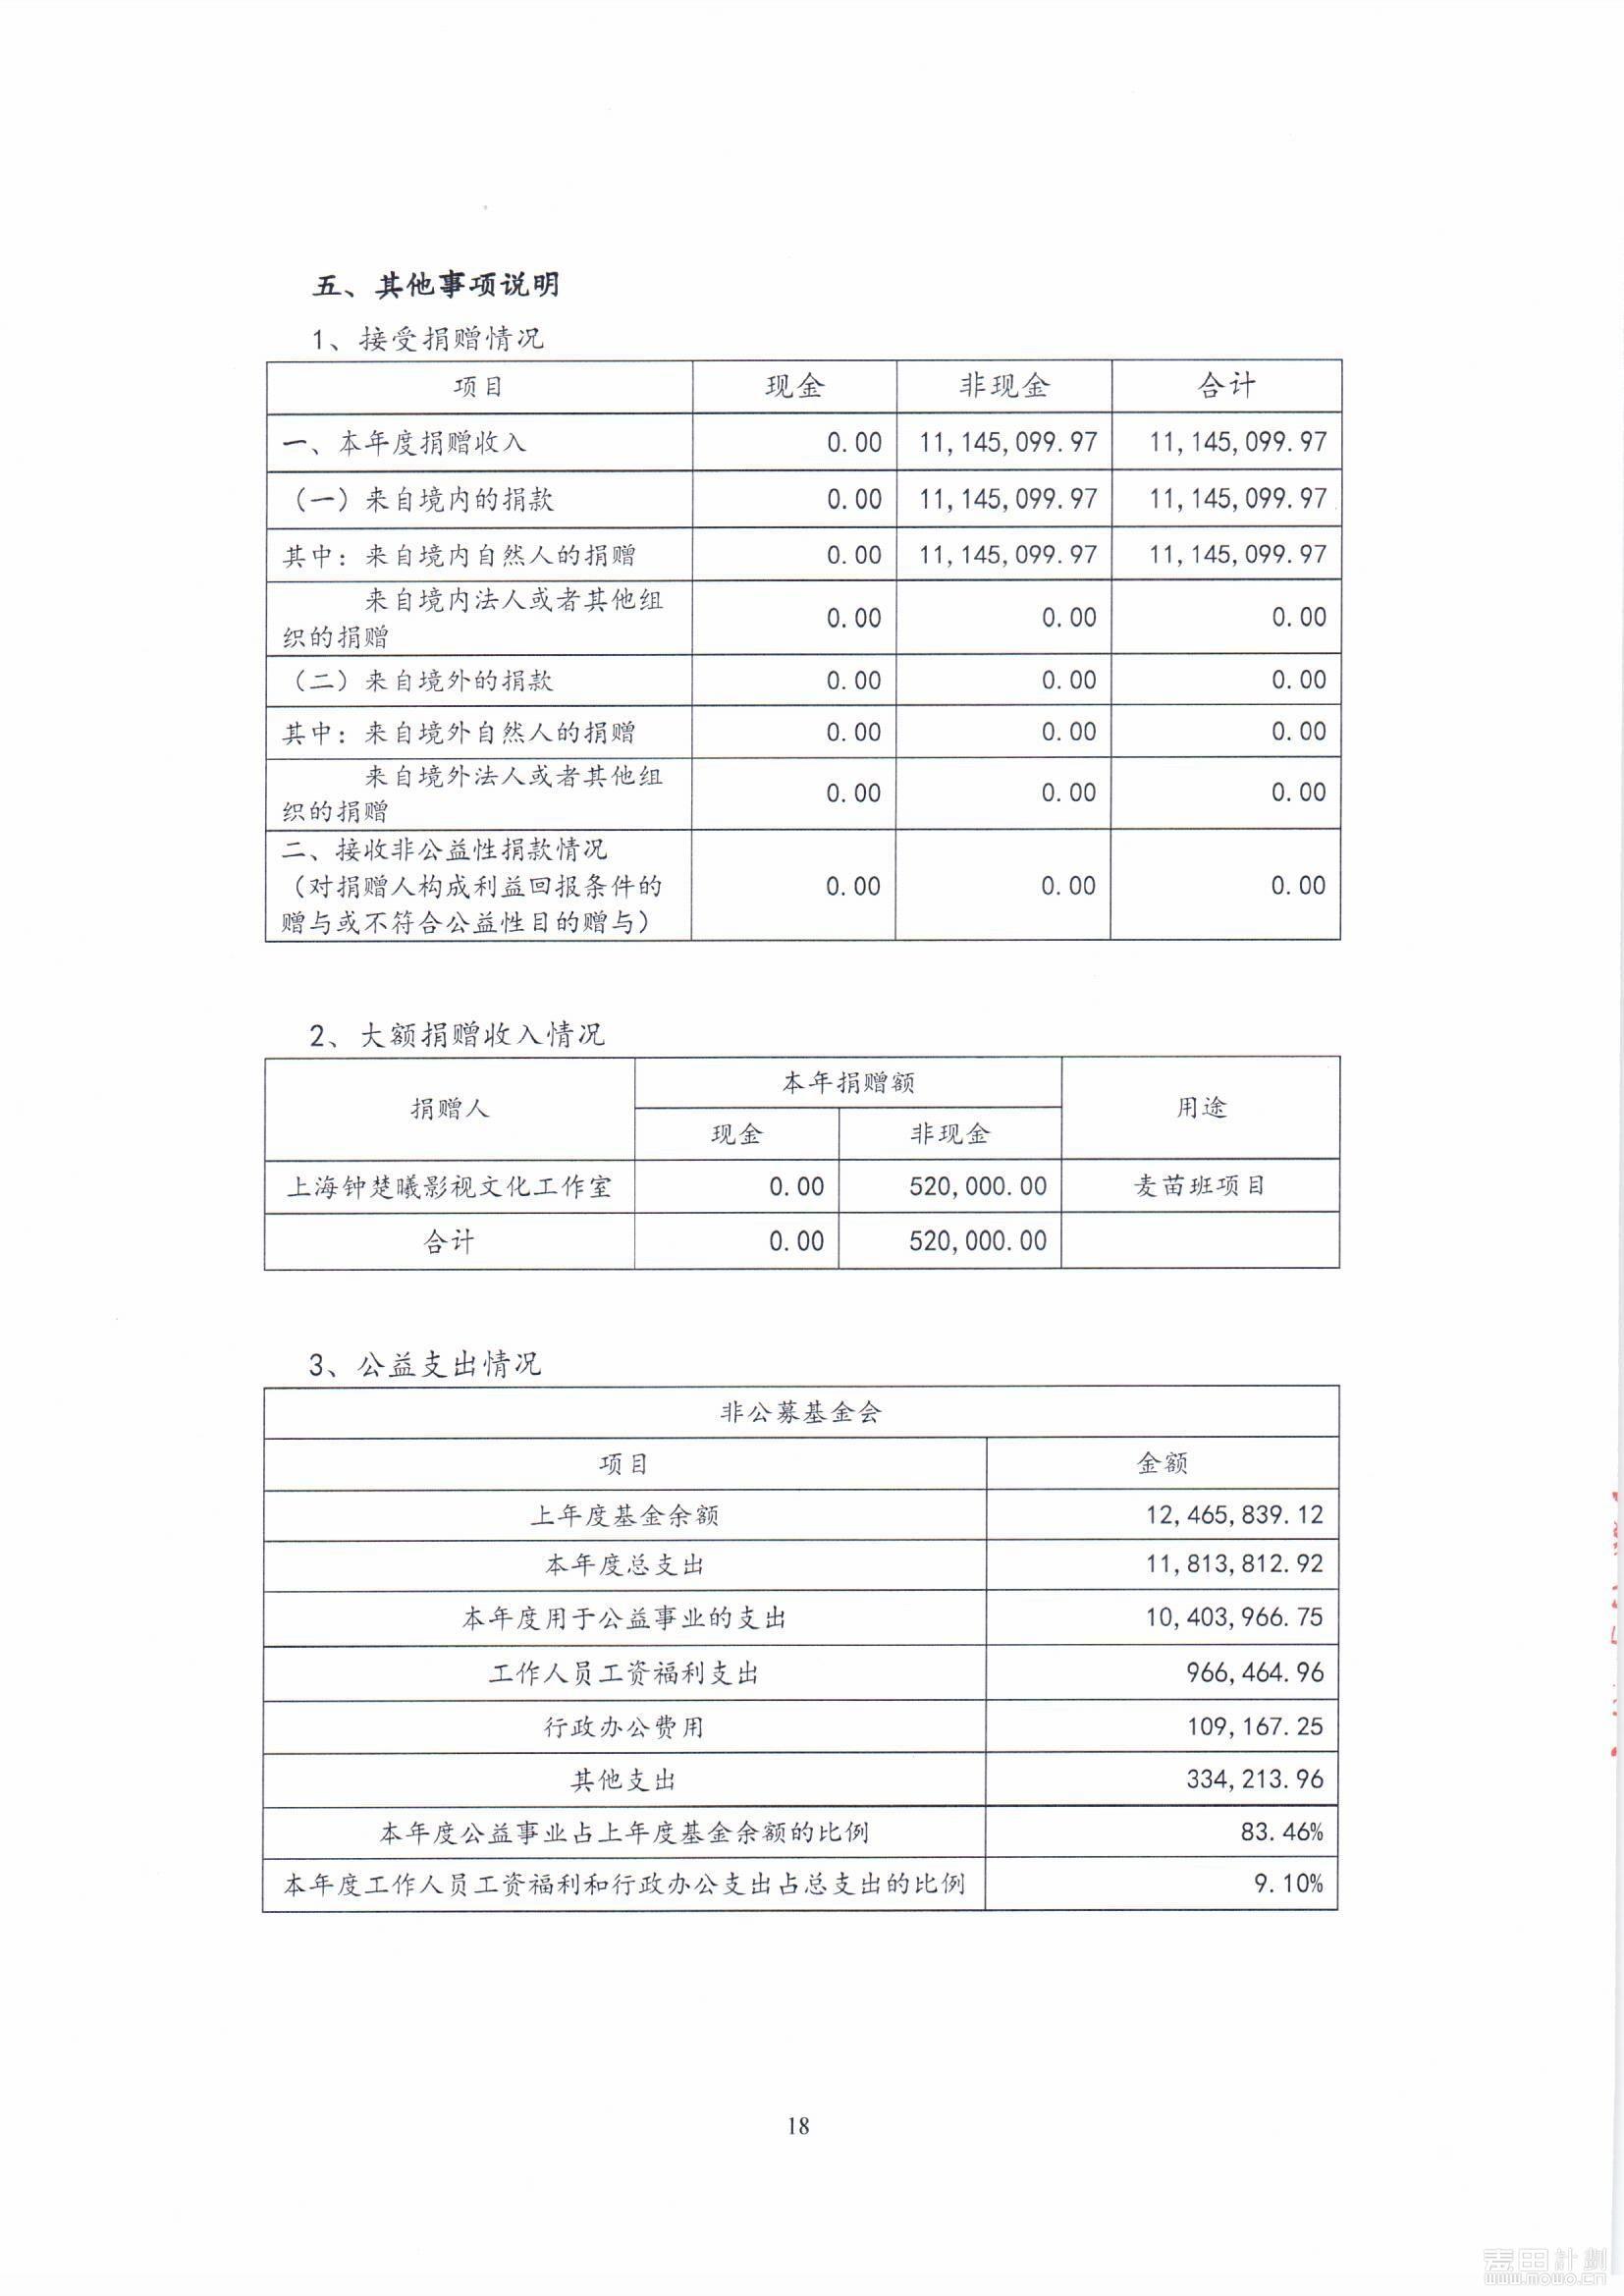 麦田教育基金会2019年度审计报告_页面_20.jpg